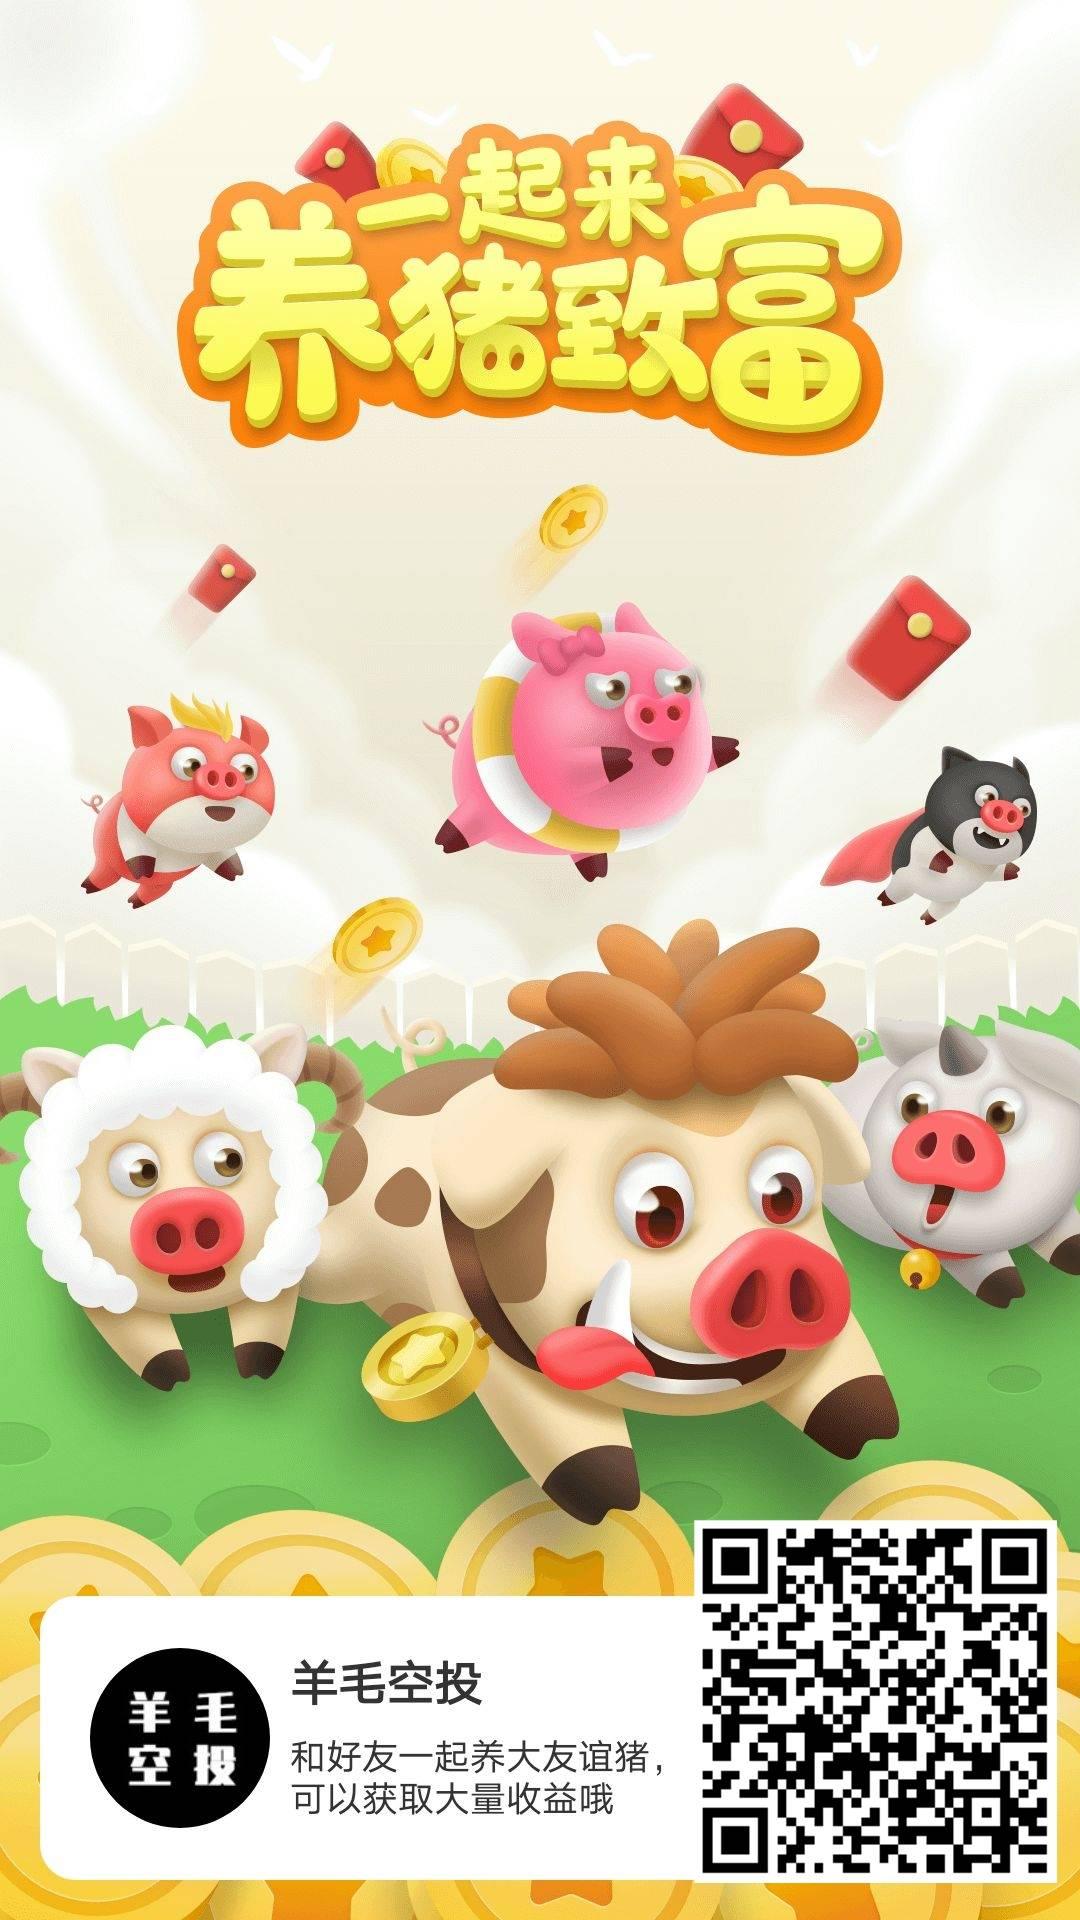 一起来养猪:简单小游戏,轻松赚零花,带自动合成脚本!